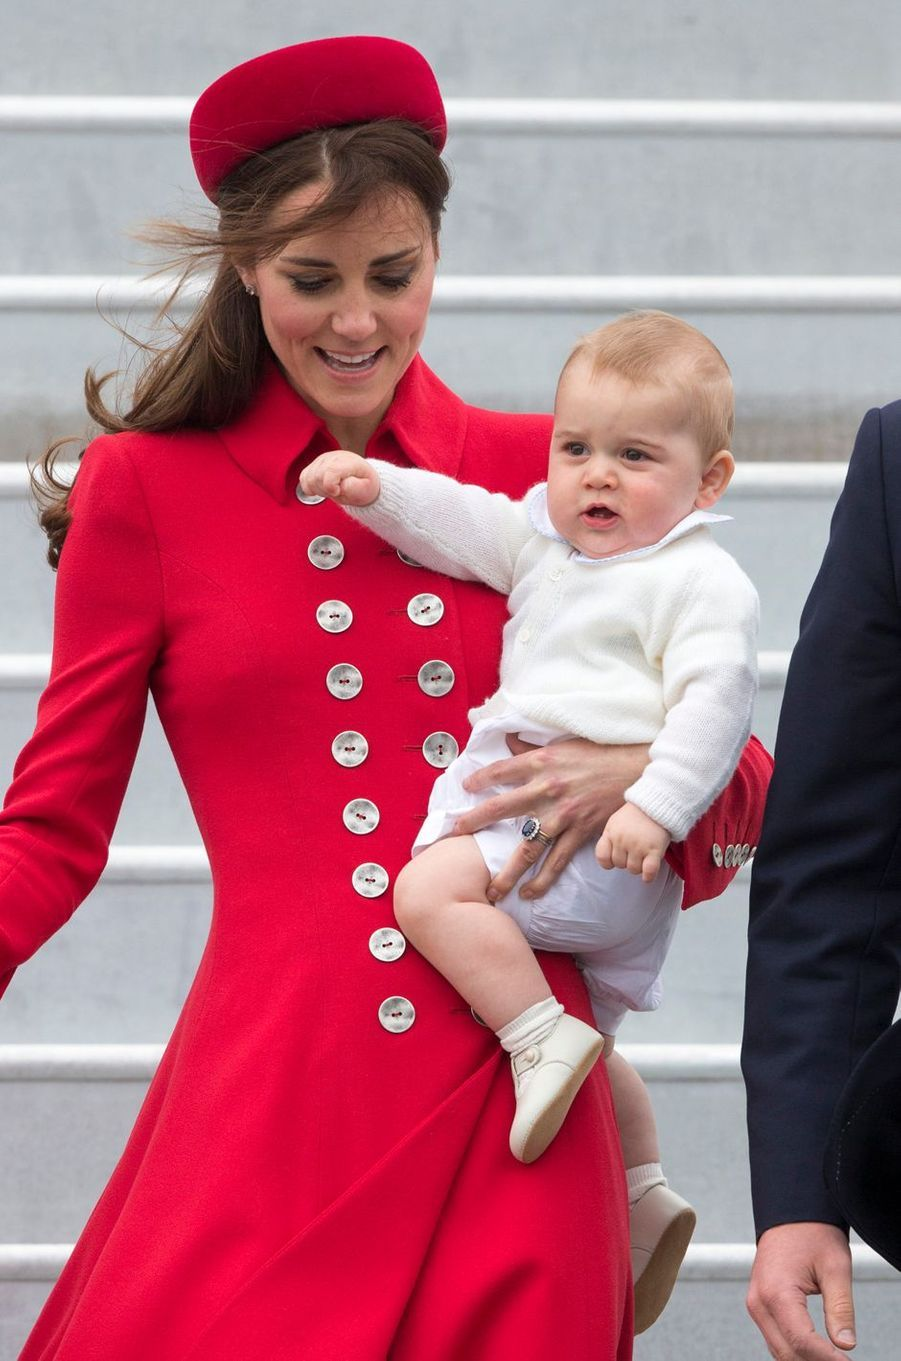 Le prince George, avec sa mère la duchesse Catherine de Cambridge, à Wellington en Nouvelle-Zélande le 7 avril 2014